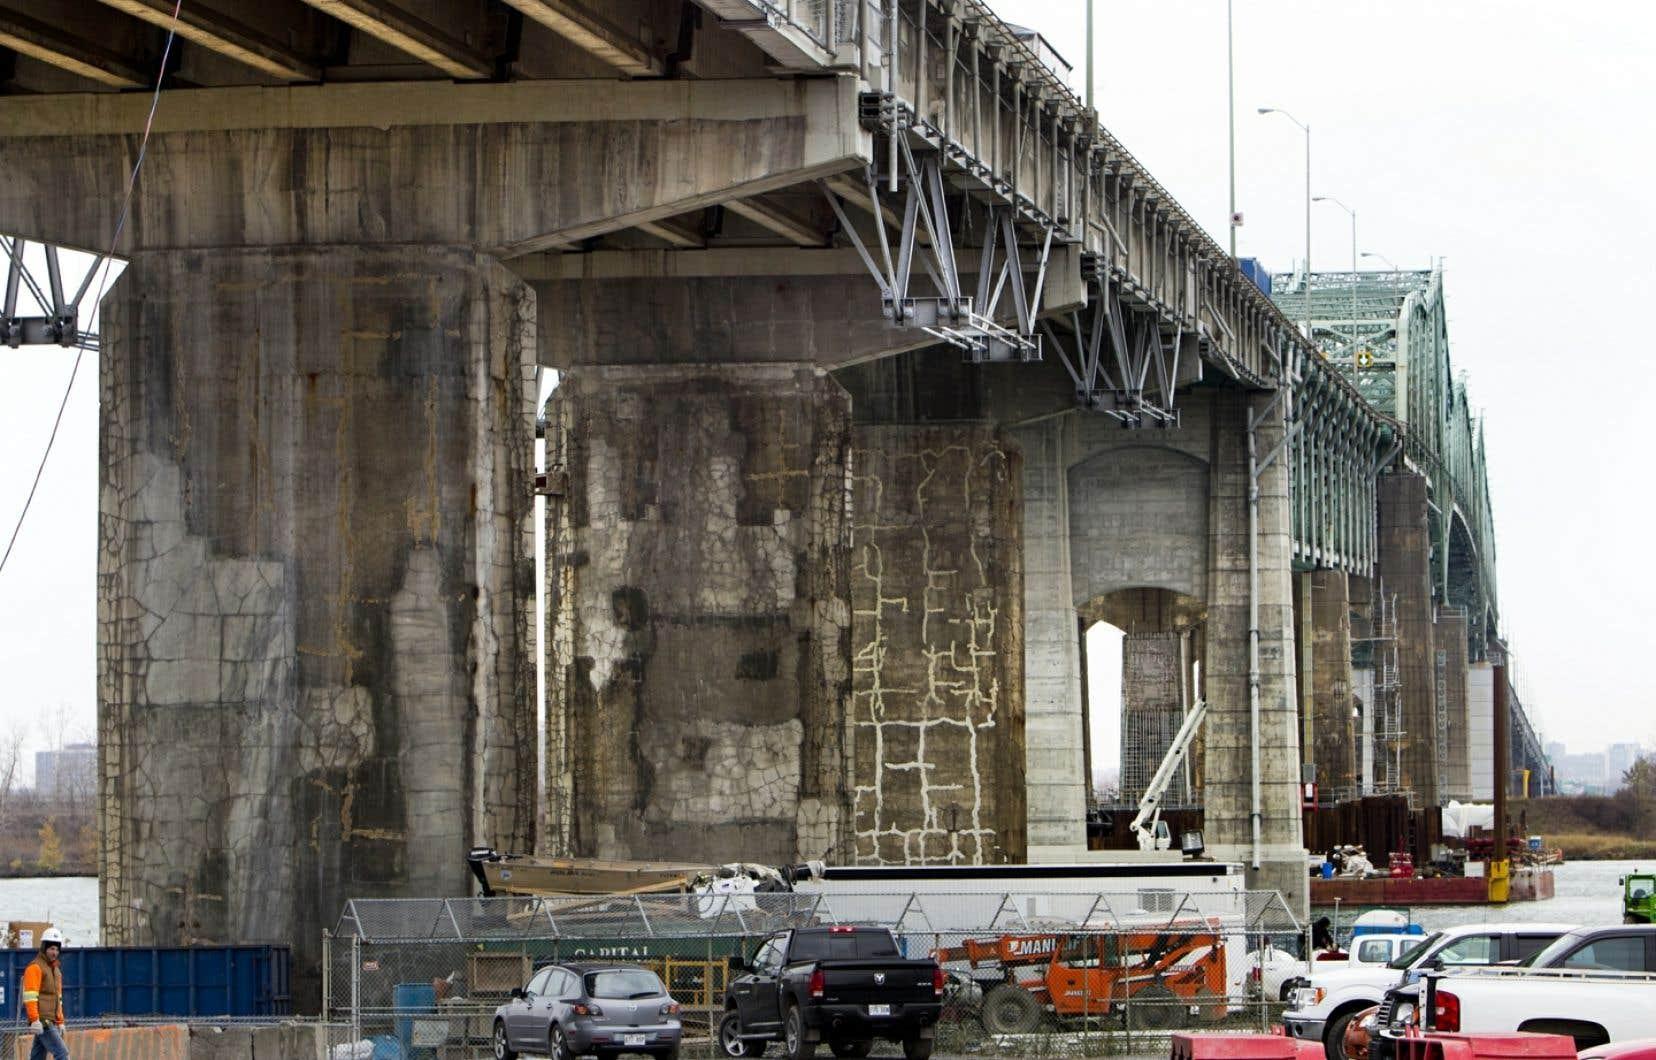 Dans la nuit de vendredi à samedi, de 2h00 à 7h00, l'ensemble des six voies du pont Champlain seront entièrement fermées à la circulation.